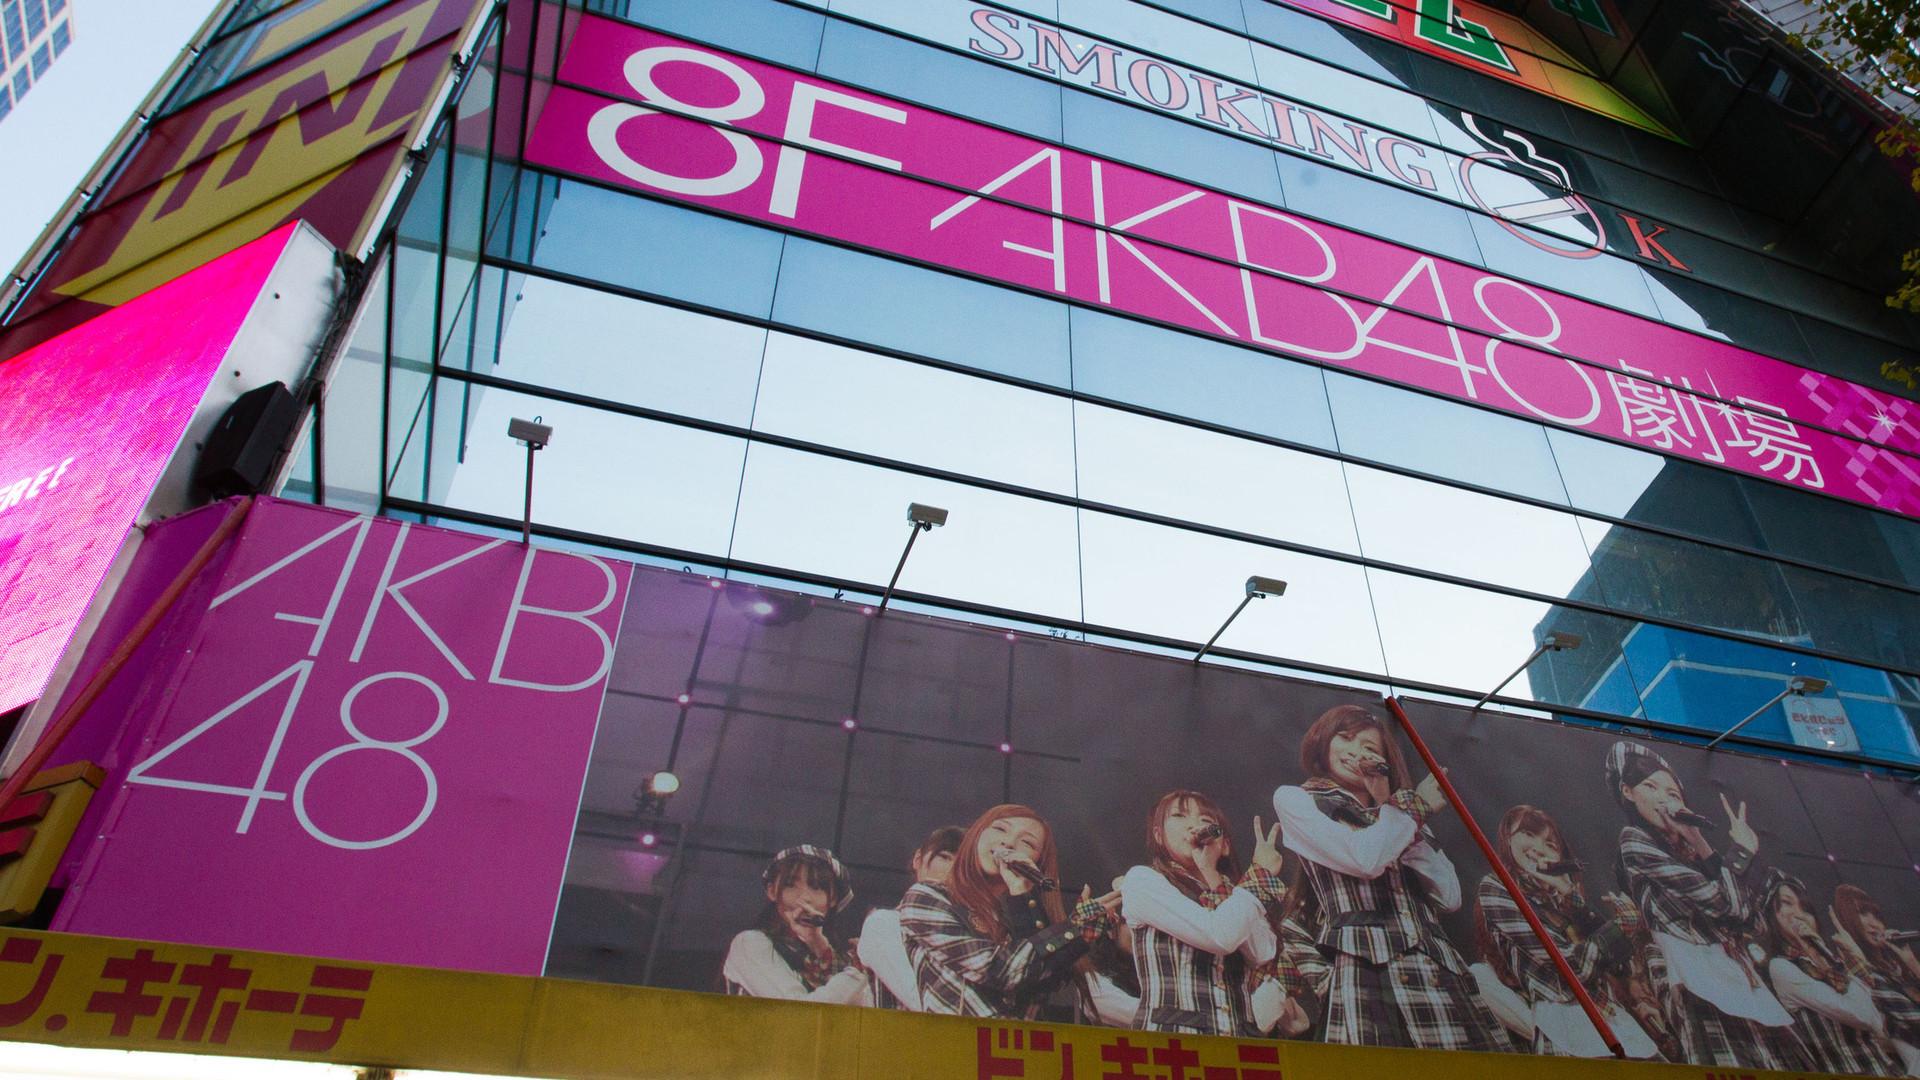 総選挙中止から見るAKB48の曲がり角──AKB商法の機能不全、「パンドラの箱」だったK-POP進出(松谷創一郎) - 個人 - Yahoo!ニュース